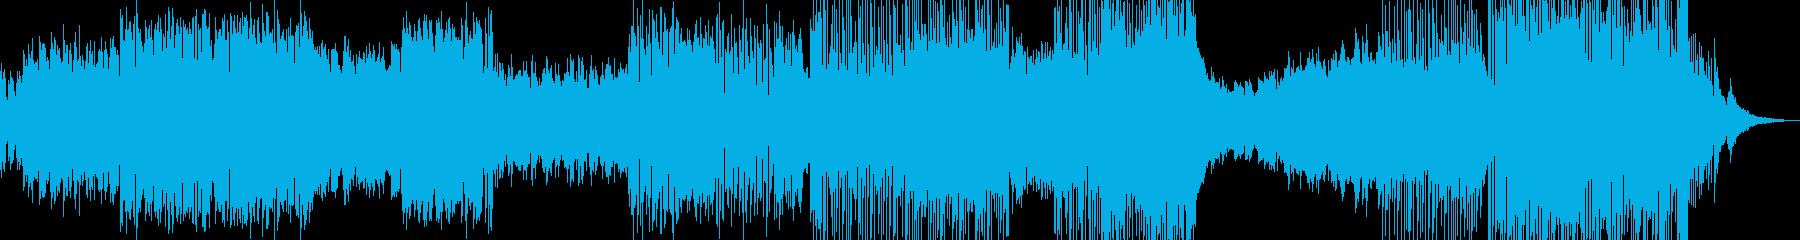 癒し系RPG・後半から打楽器のリズムの再生済みの波形